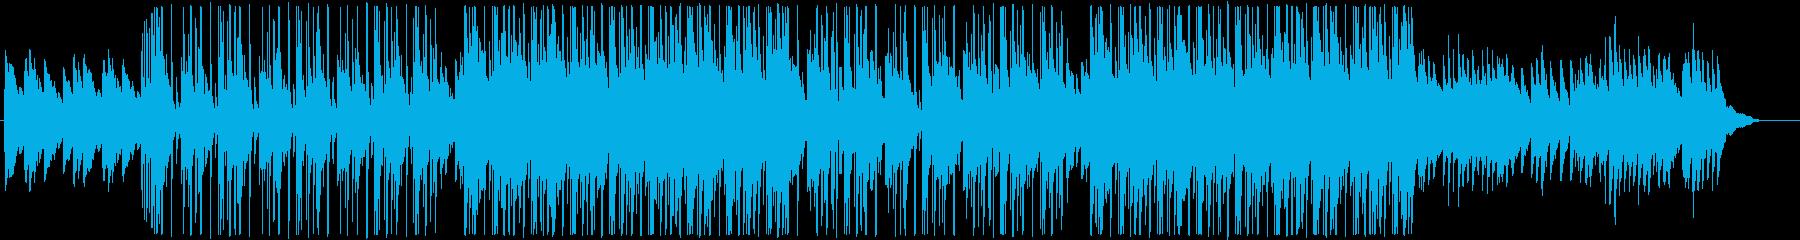 哀愁満点なピアノ&アコギ&ブレイクビーツの再生済みの波形